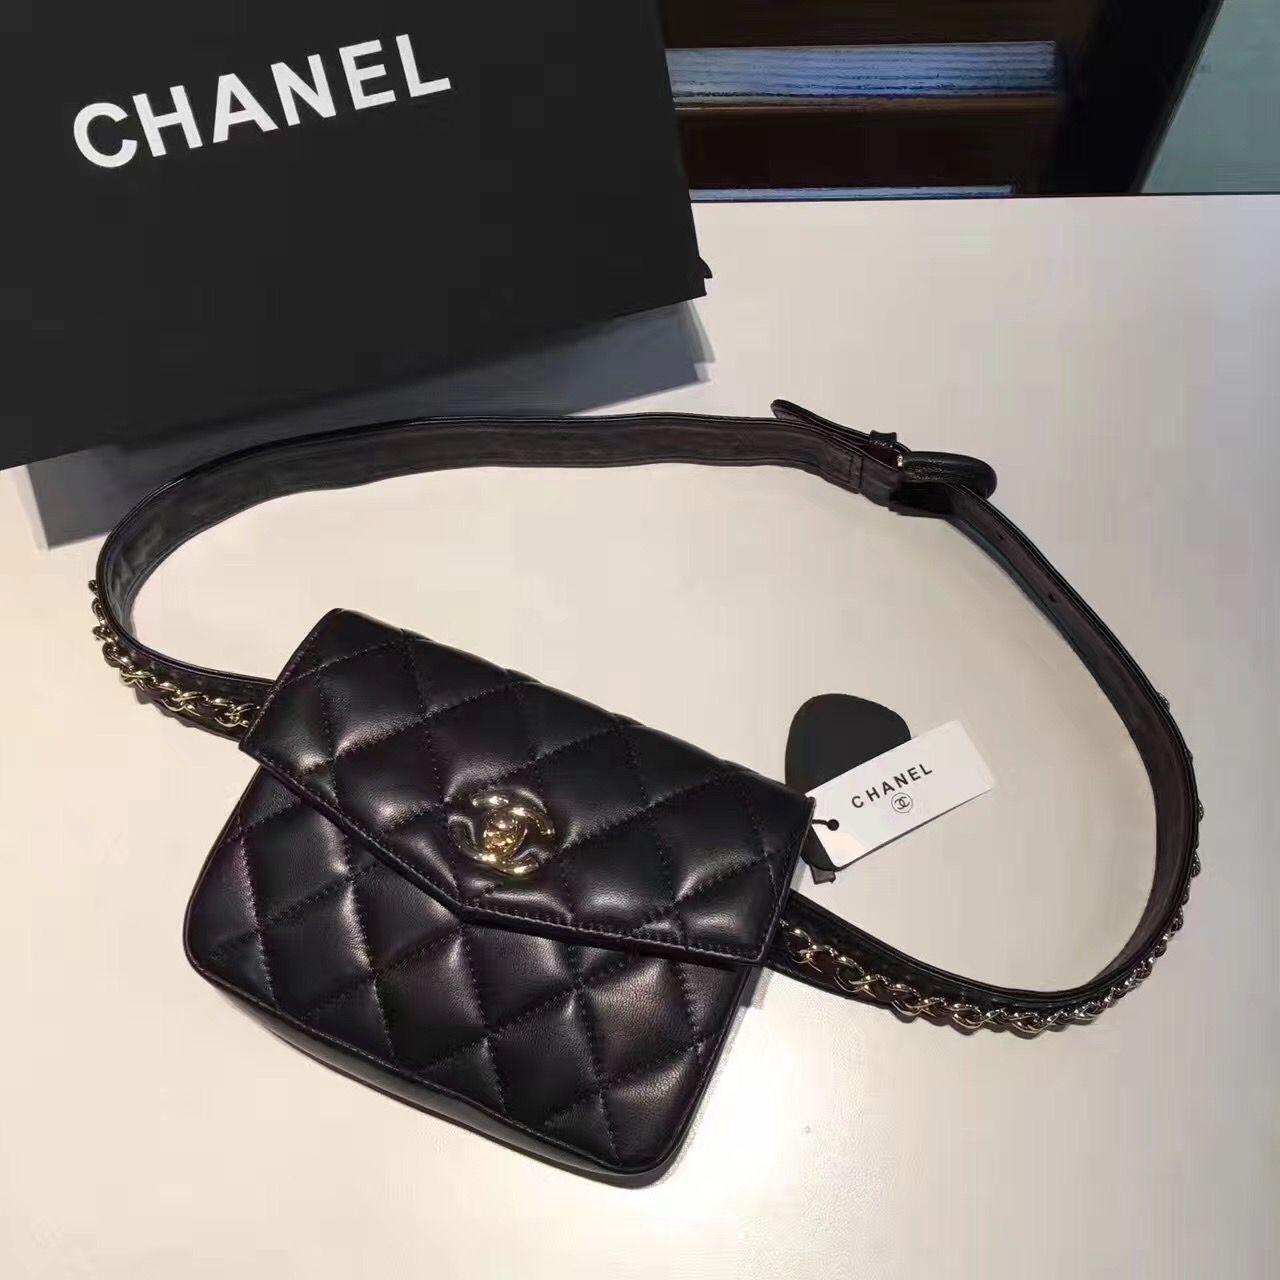 Chanel Woman Waist Bag Original Leather Bags Chanel Bag Chanel